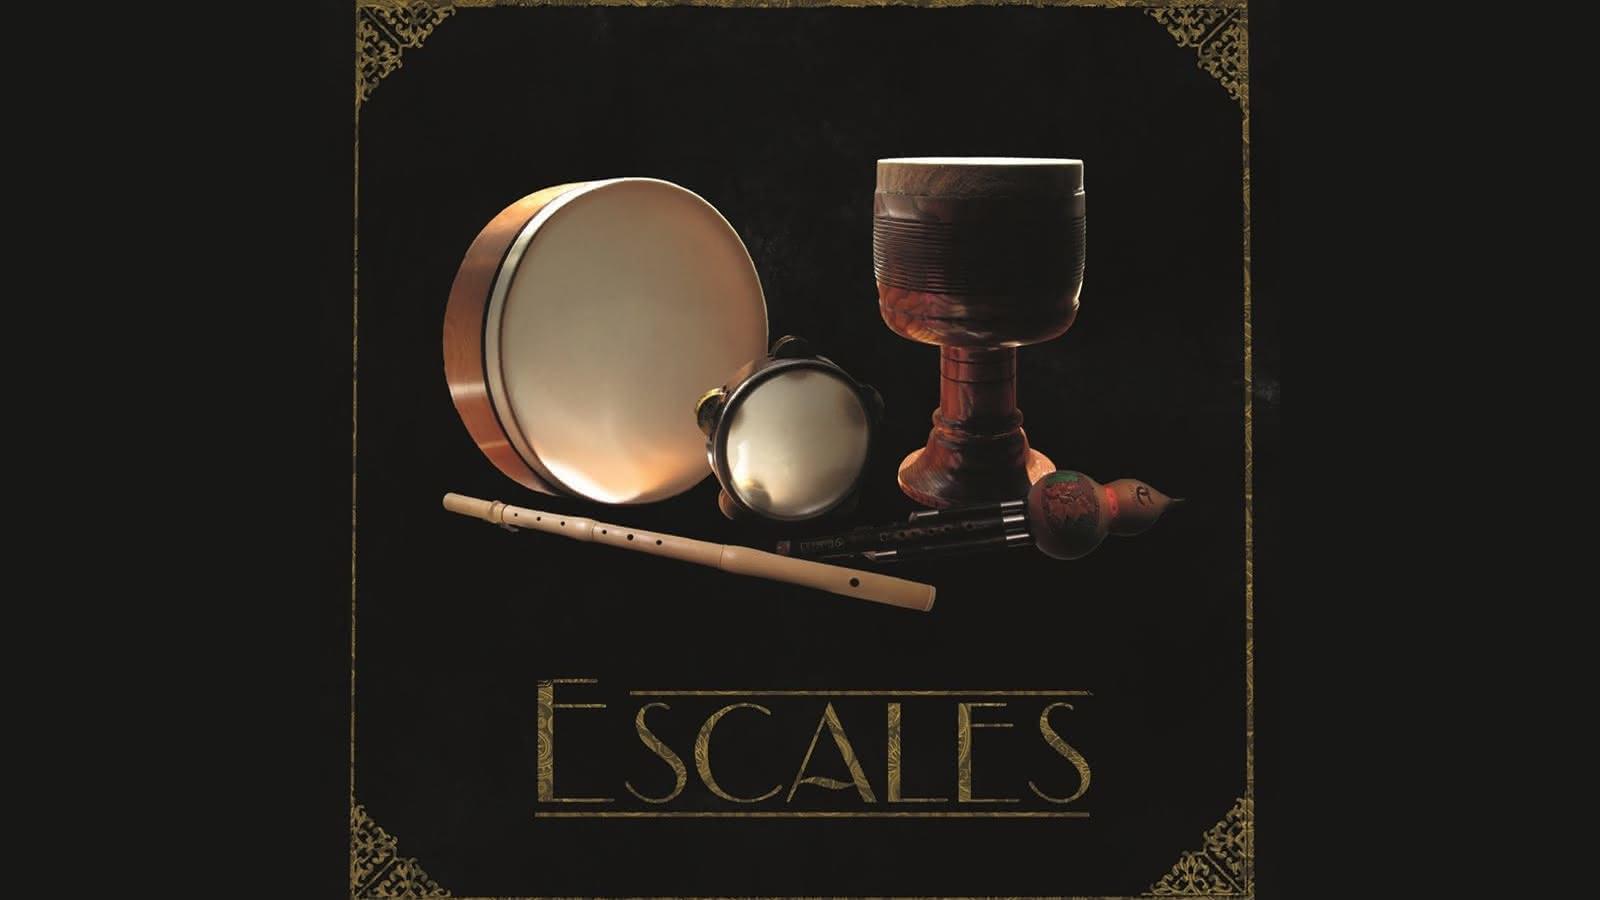 © Le duo Escales